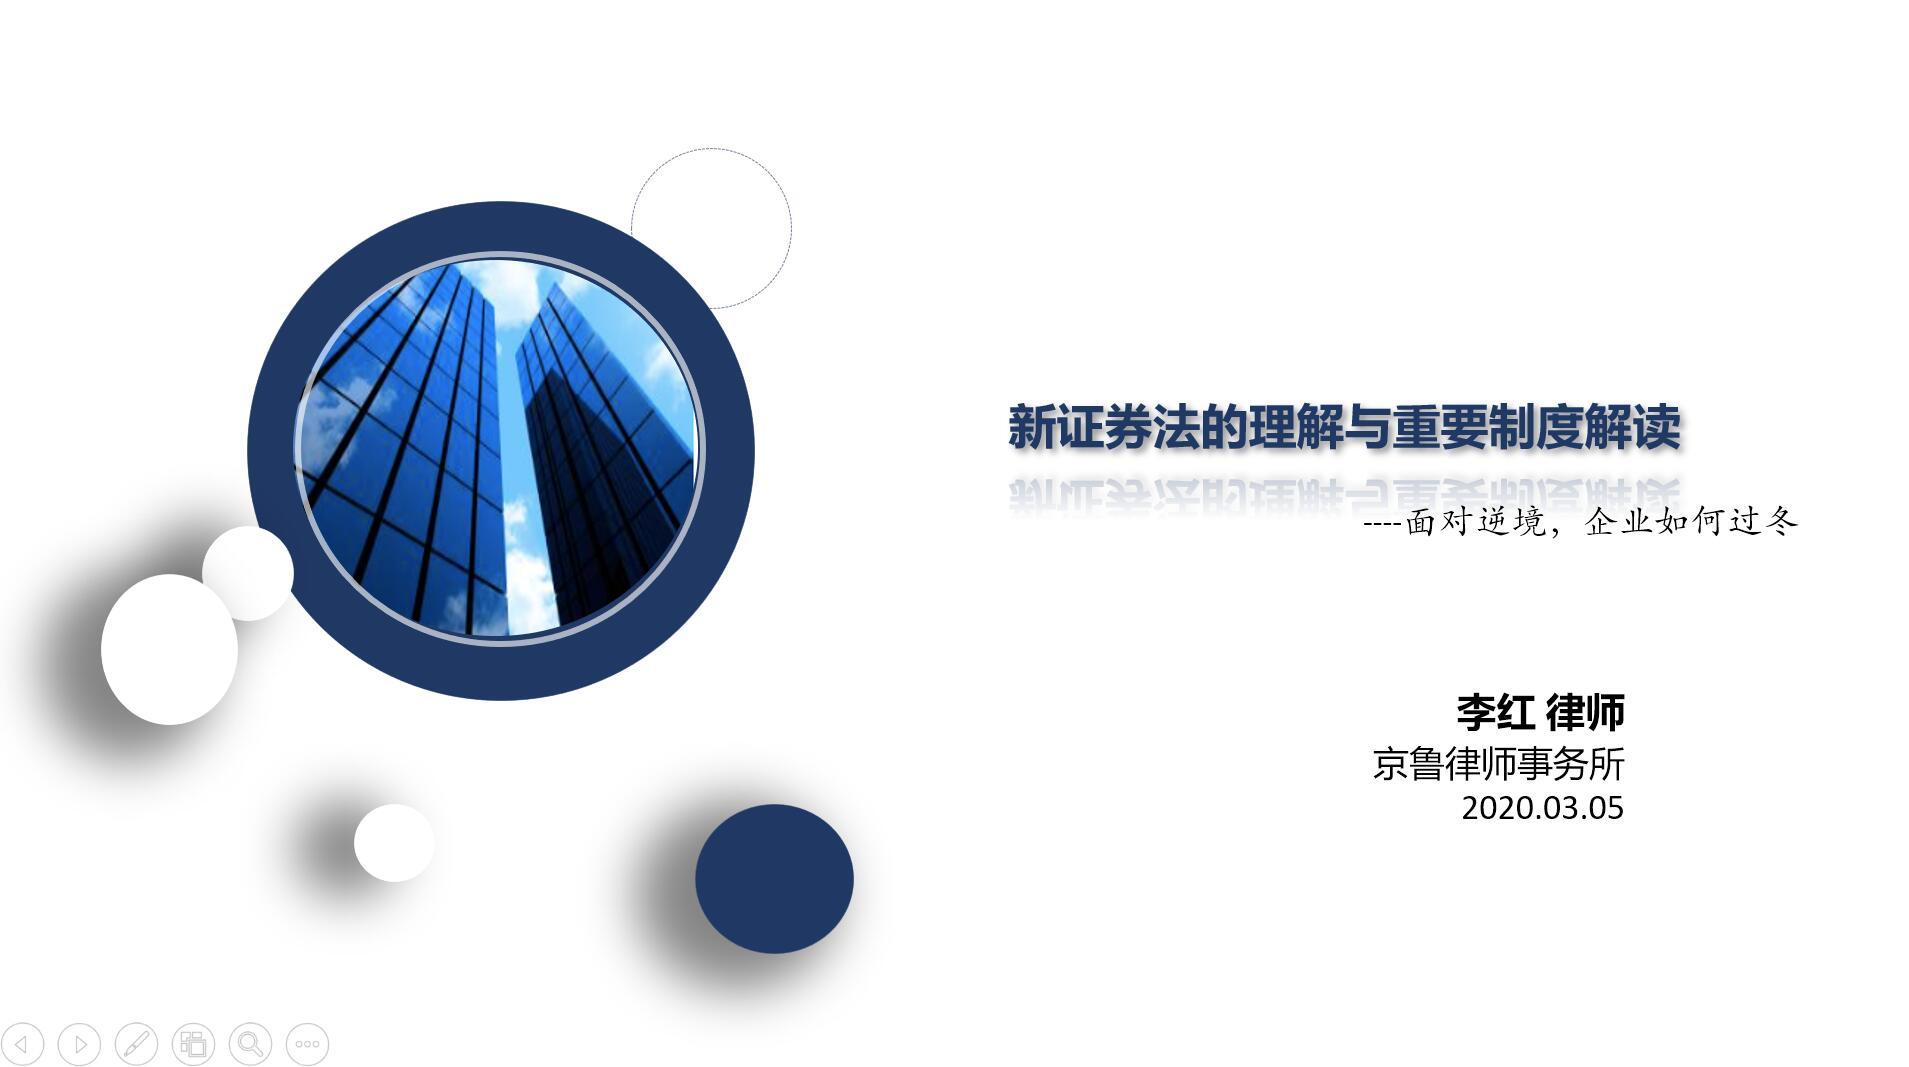 京鲁律师受邀为济南市企业解读新《证券法》